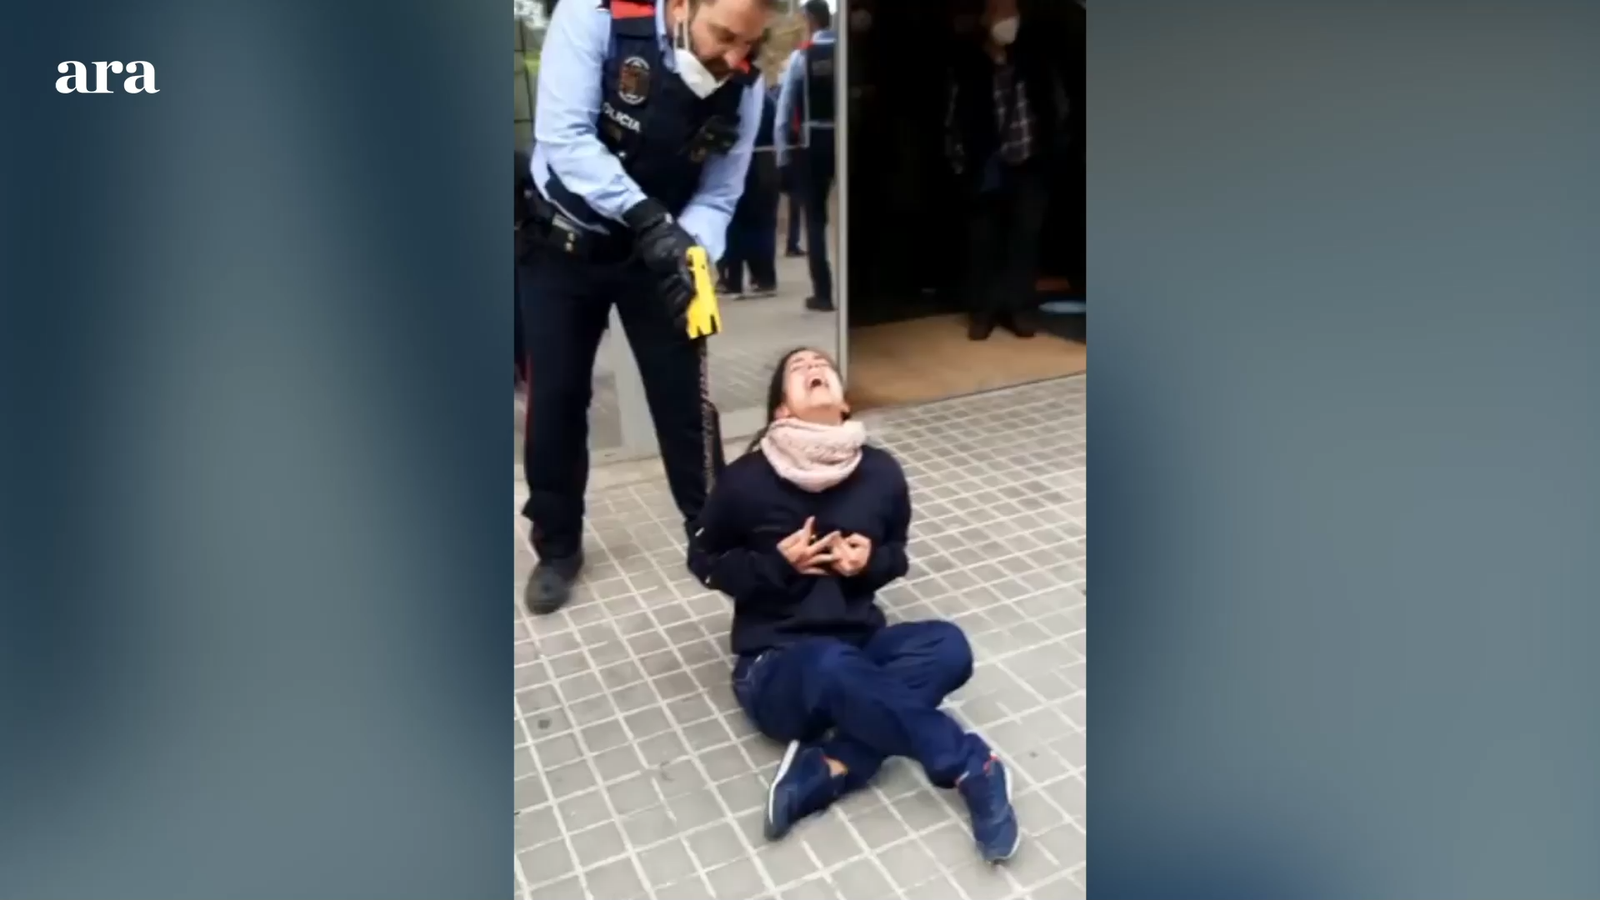 Els Mossos redueixen amb una Taser una noia a l'entrada d'un centre mèdic de Sabadell